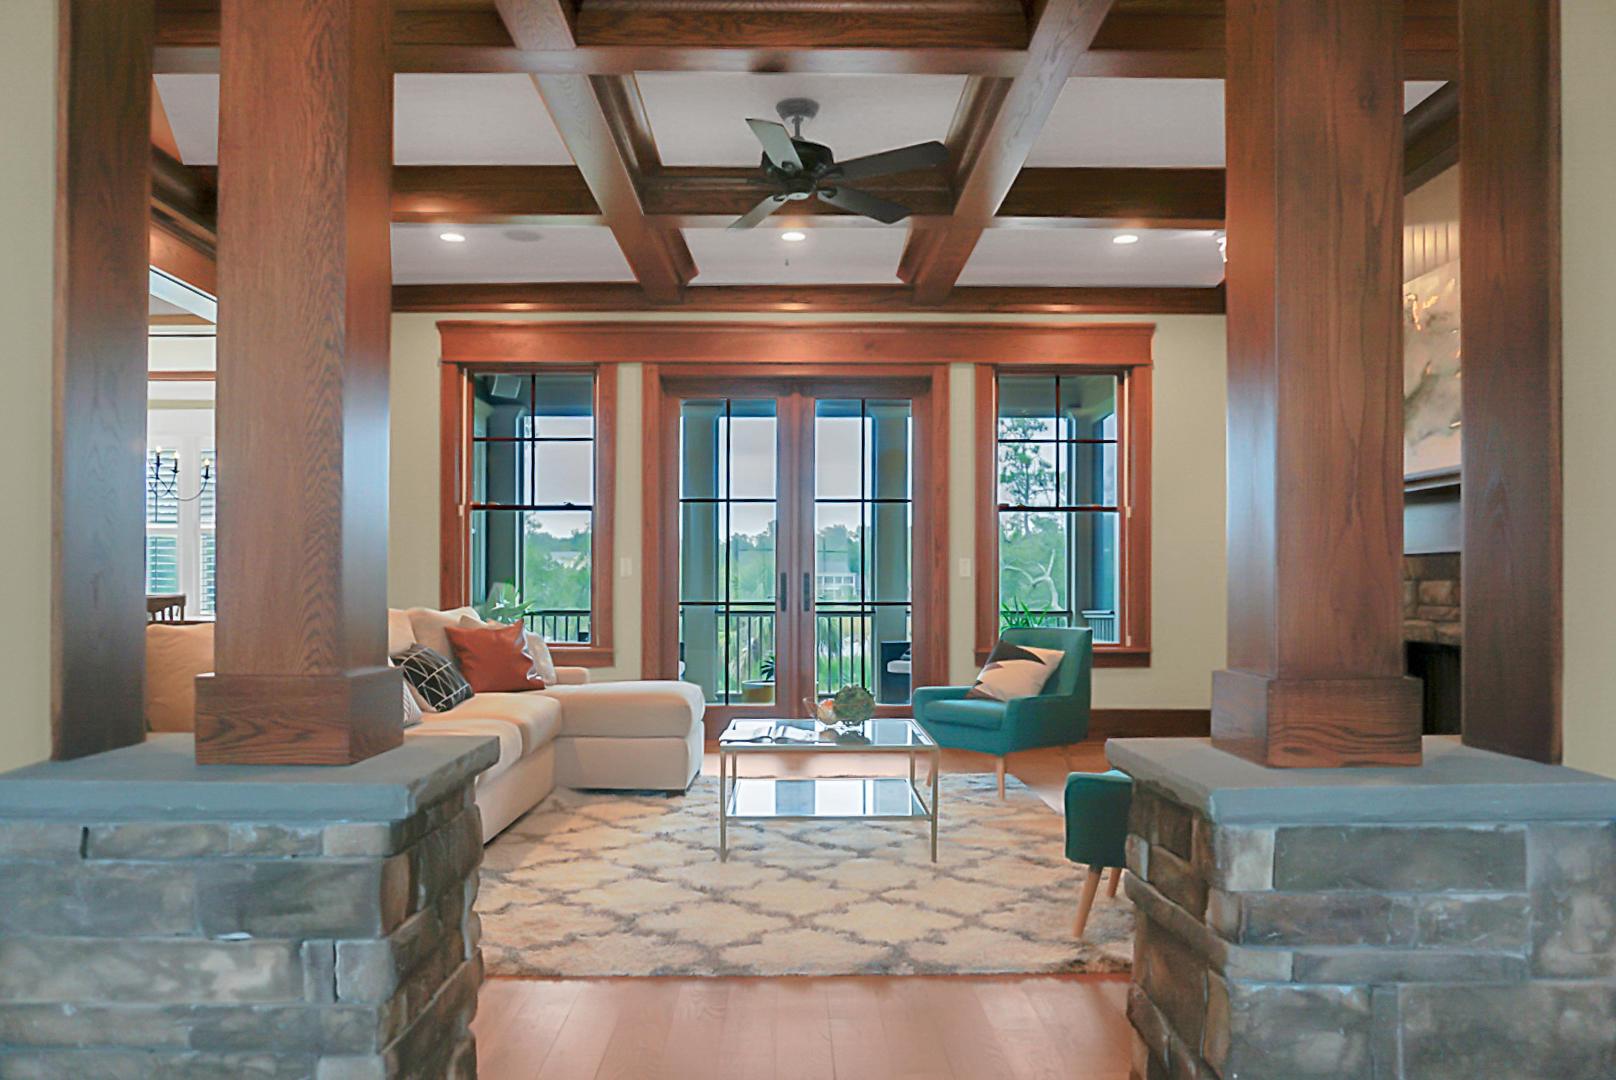 Dunes West Homes For Sale - 2978 River Vista, Mount Pleasant, SC - 48